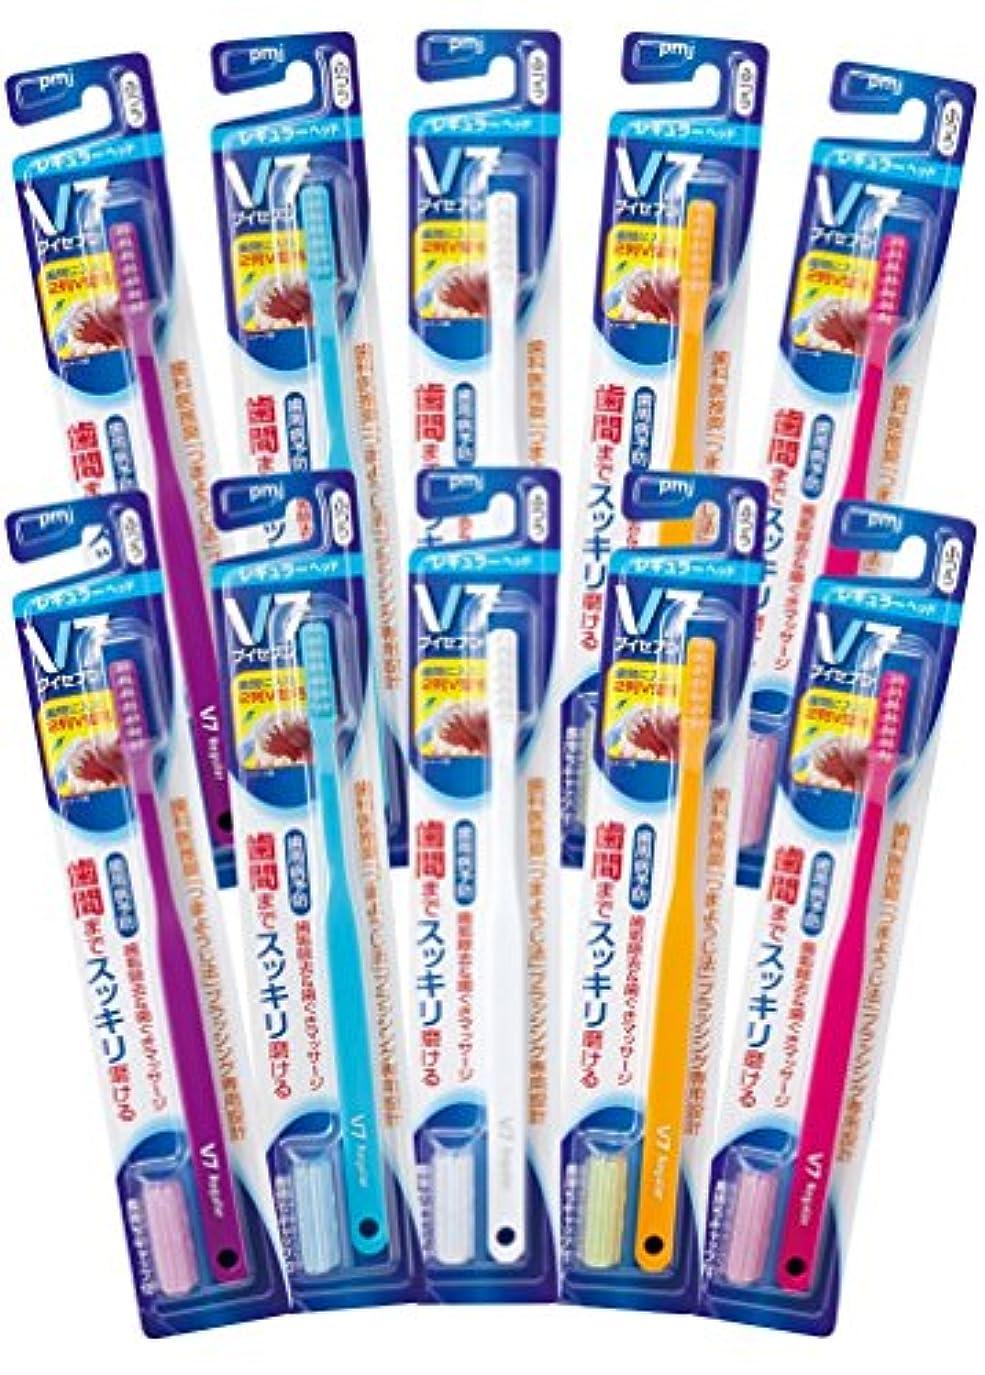 モンゴメリーローン前述のつまようじ法 歯ブラシ V-7 レギュラーヘッド ブリスター 10本入